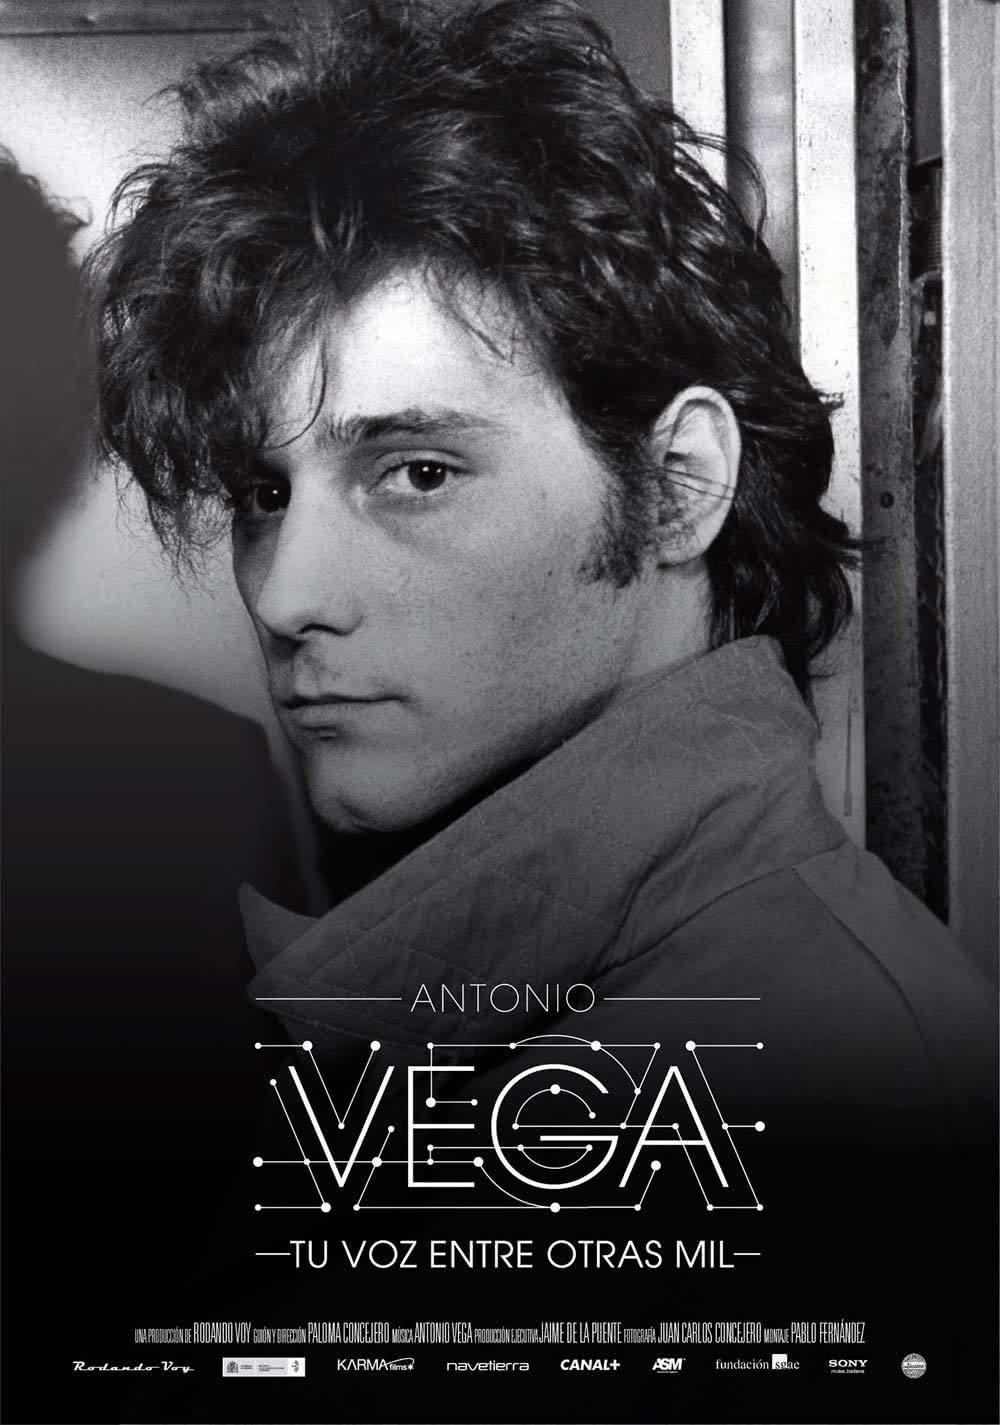 Antonio Vega Tu voz entre otras mil Cartel